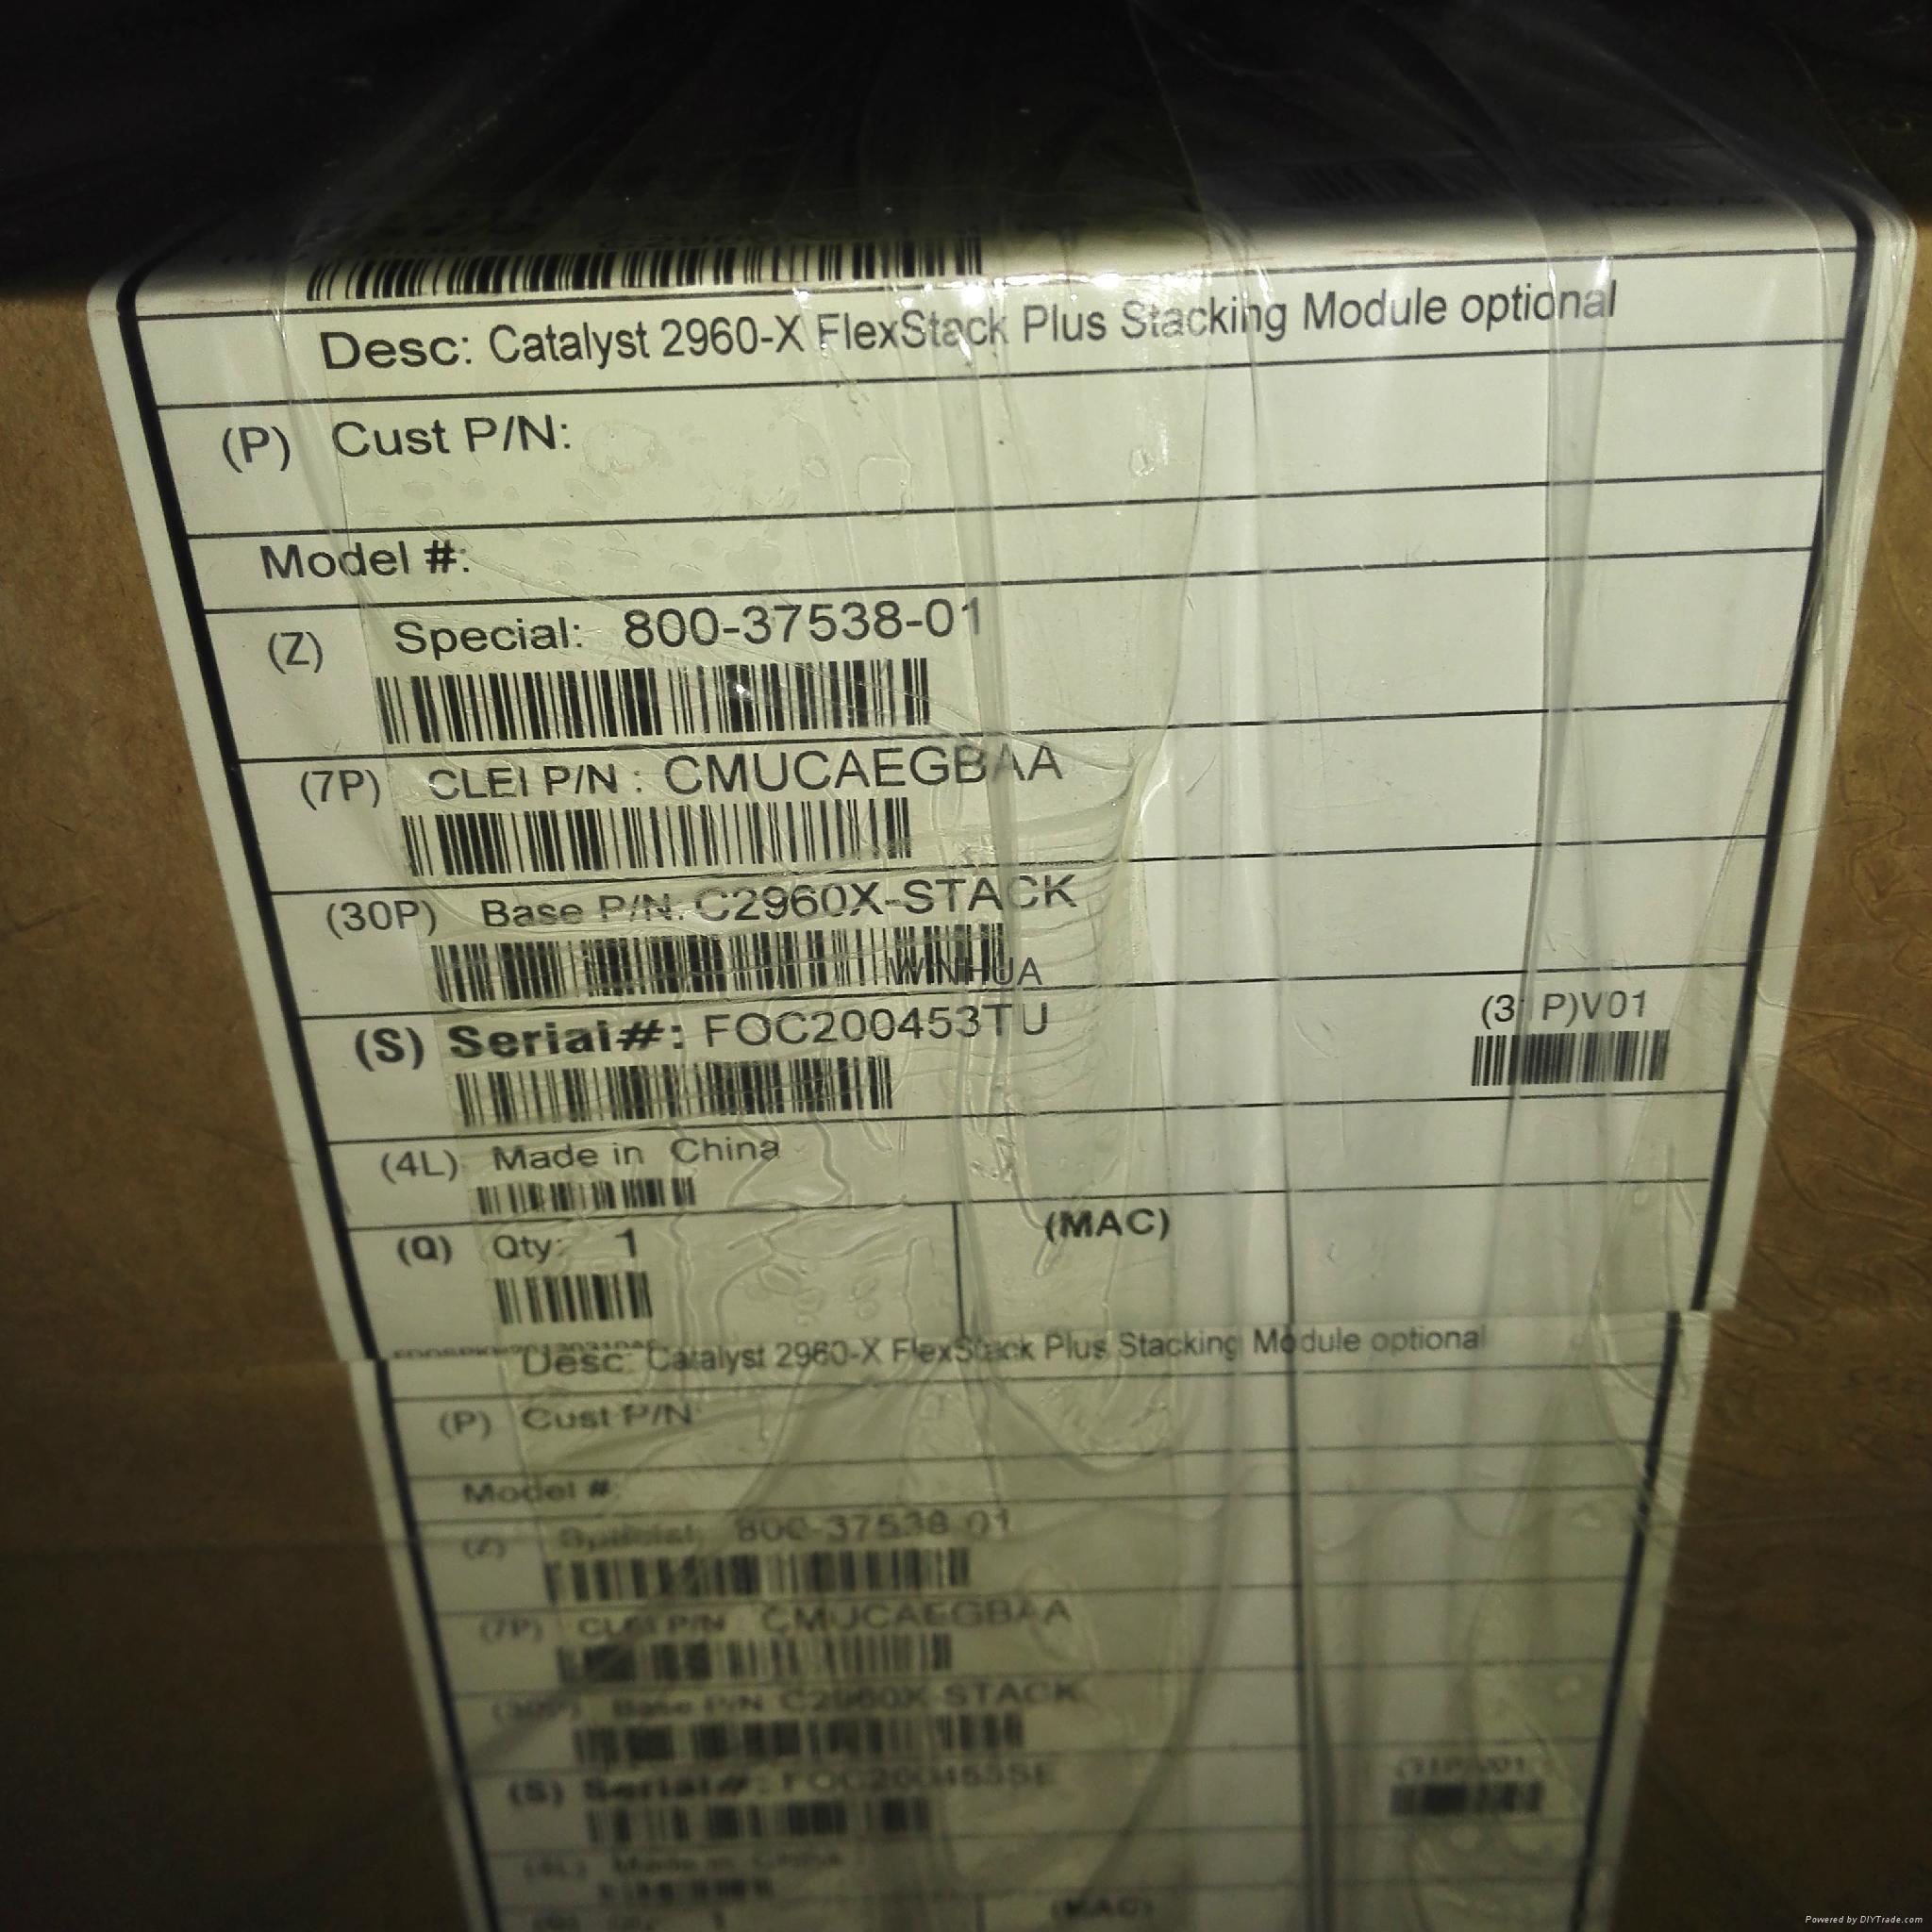 Cisco C2960X-STACK